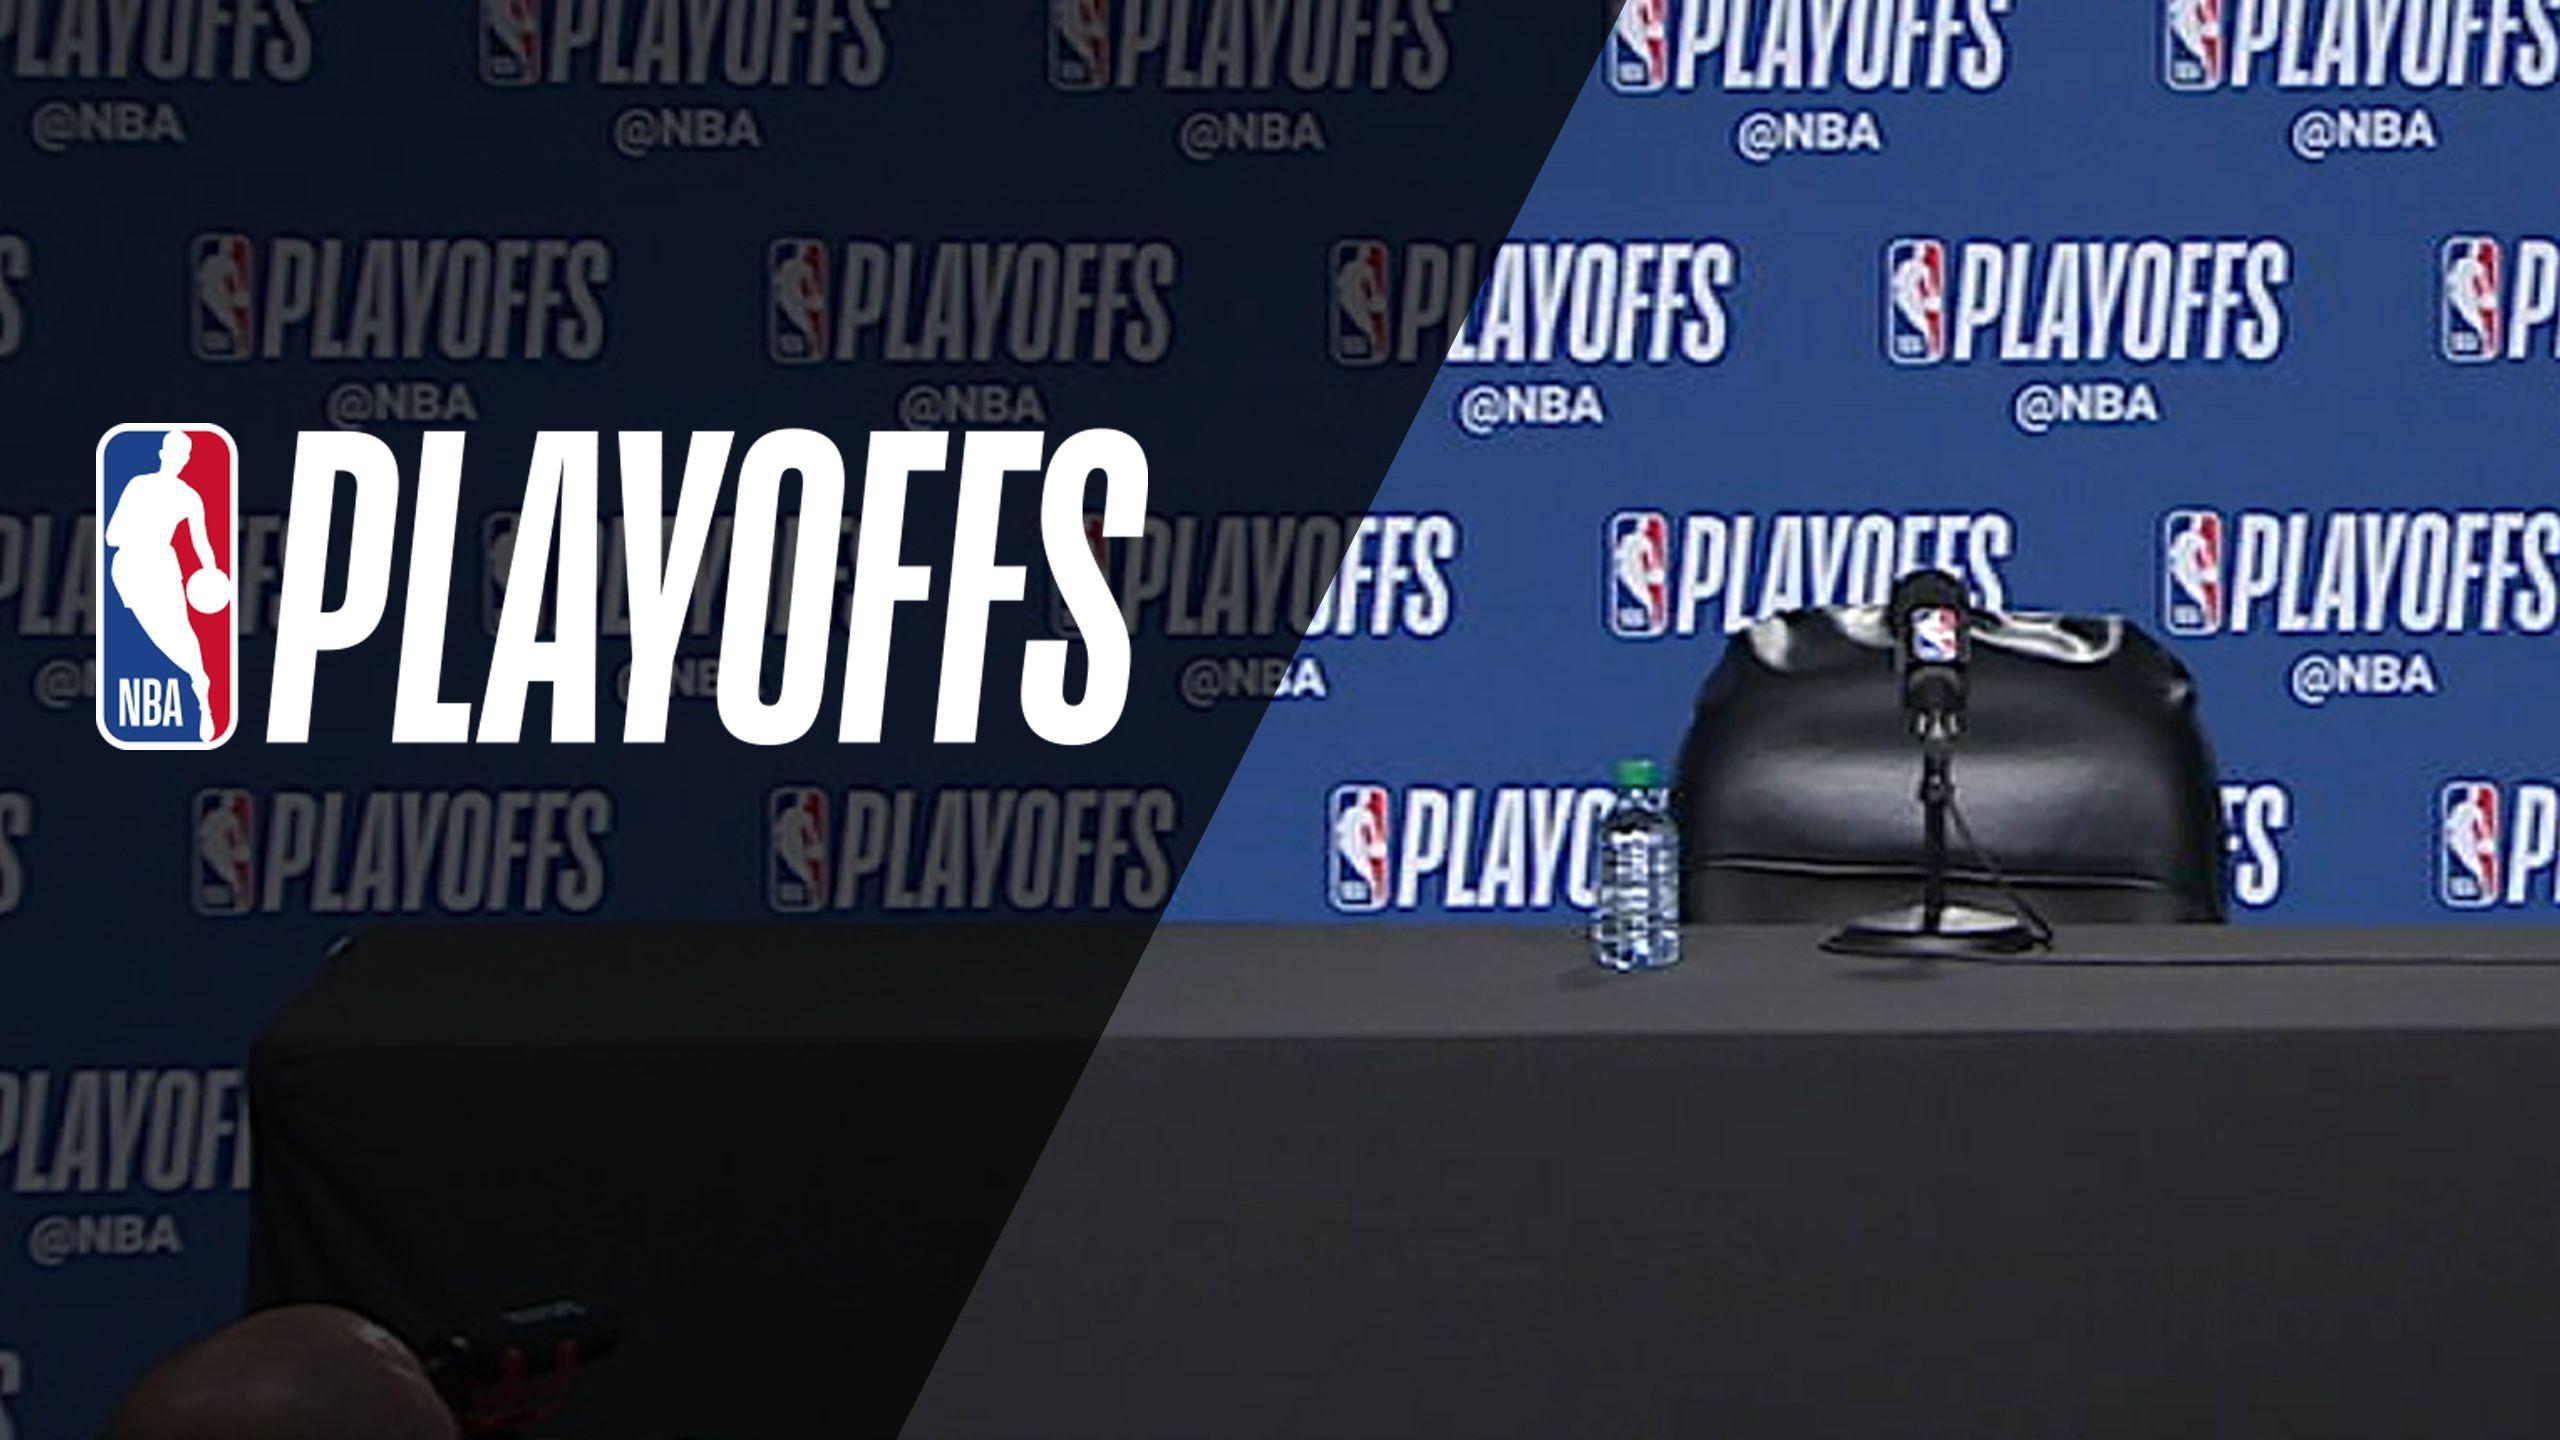 NBA Pregame Press Conferences